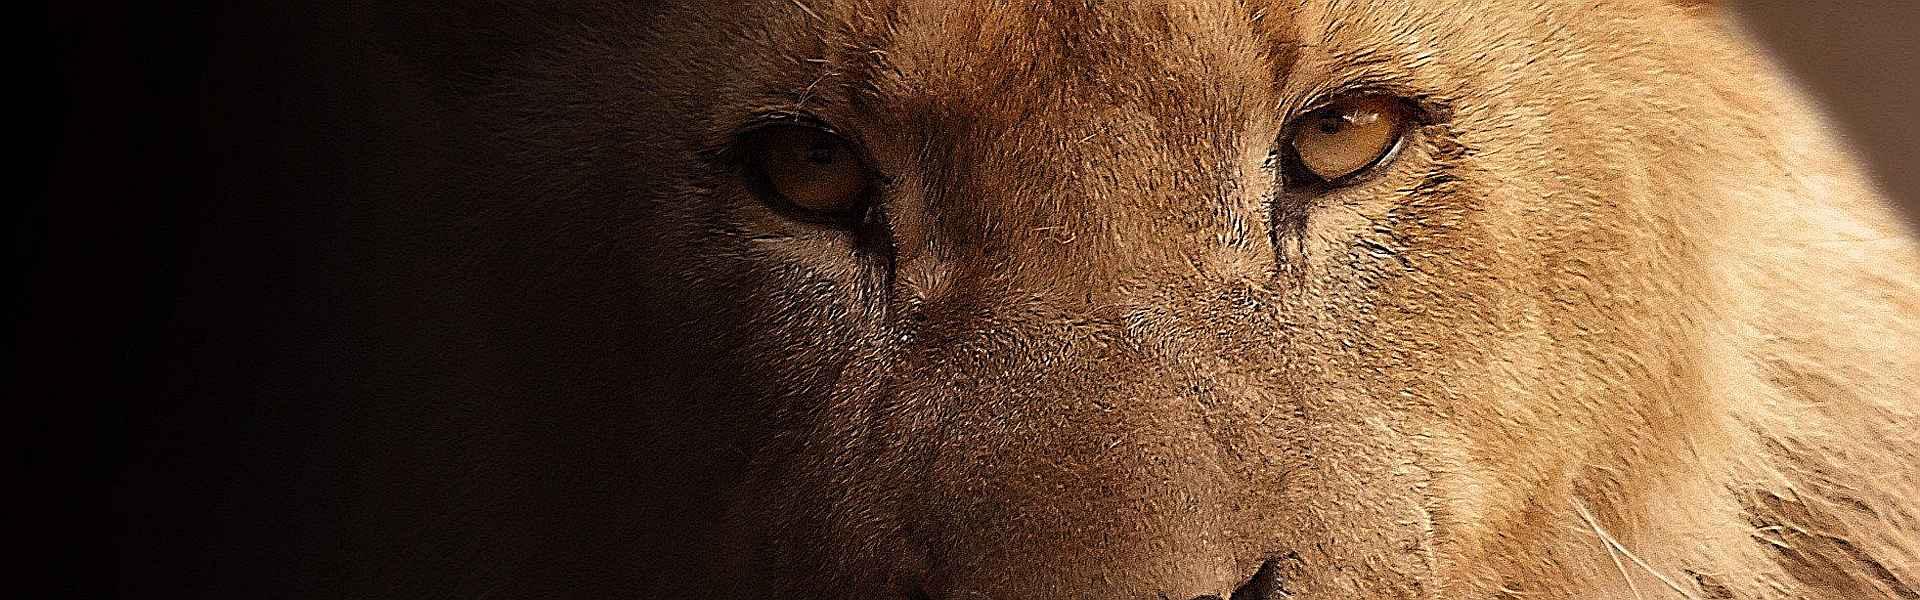 Leeuw bij het versje 'Vaderdag' van Paul Schrijft